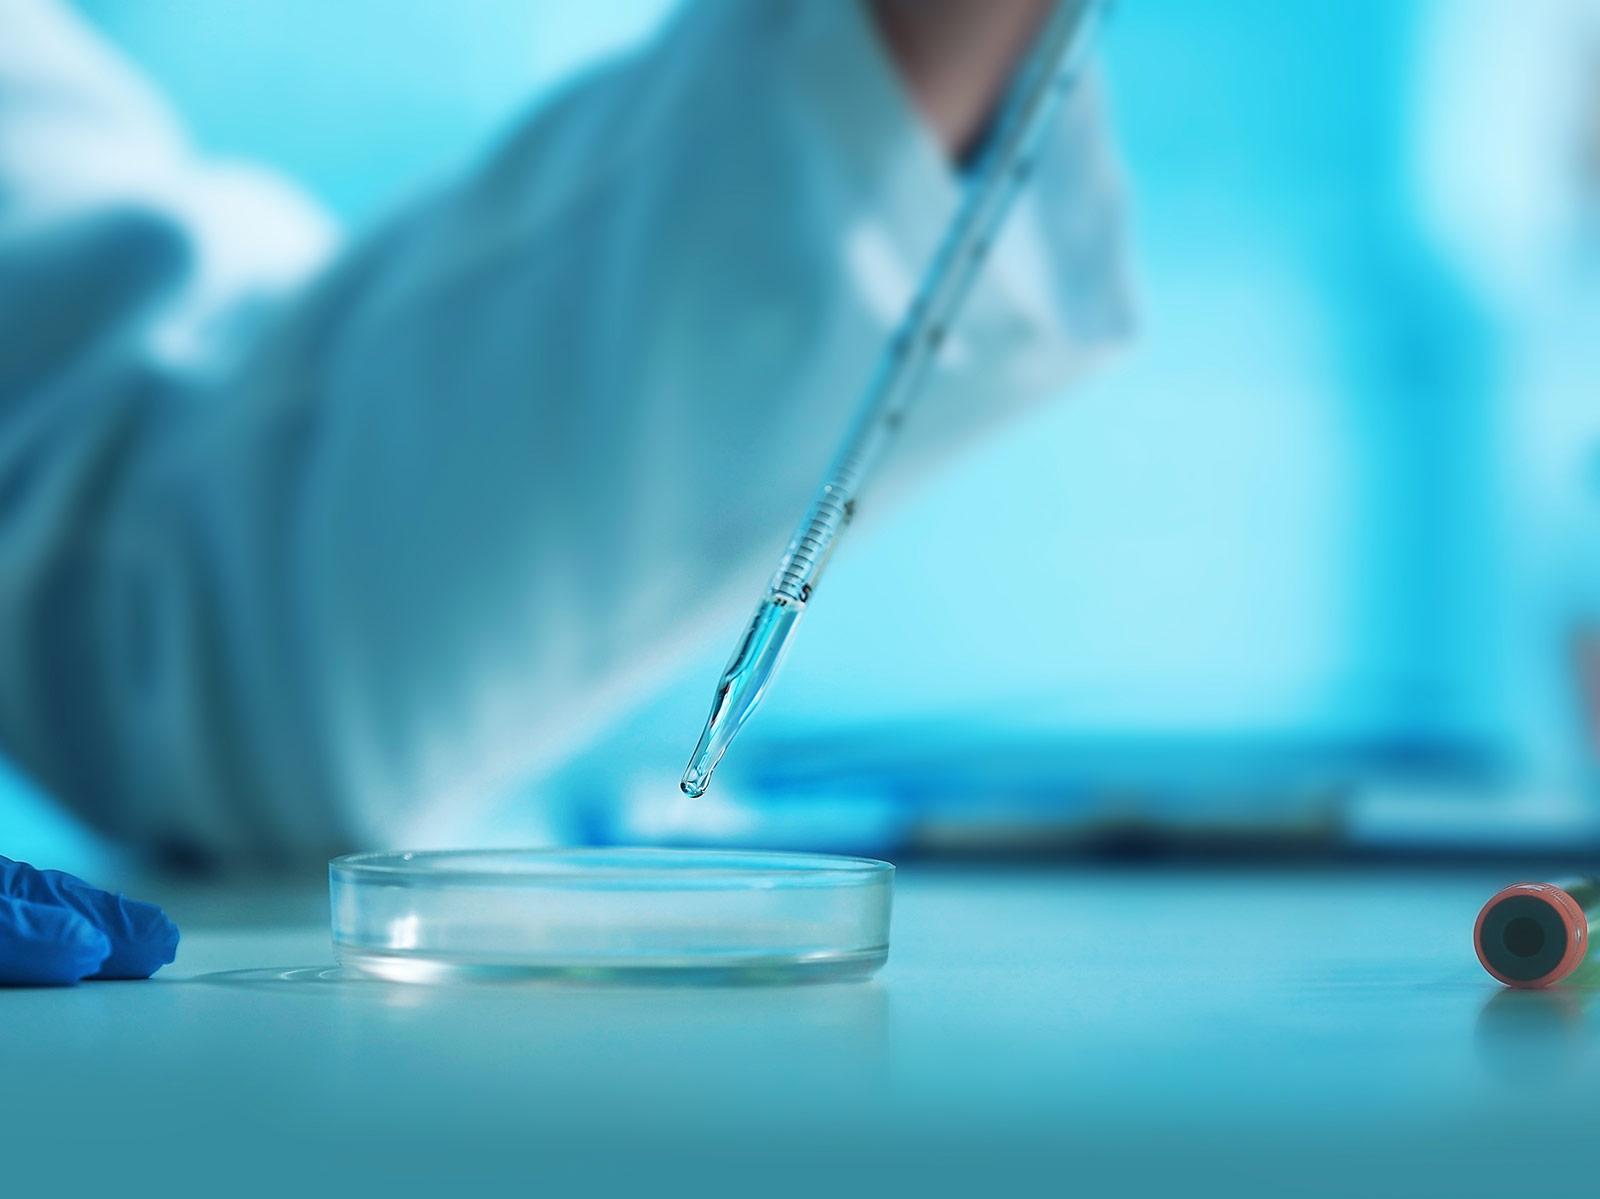 διαγνωστικό θέρμης αιματολογικό μικροβιολογικό